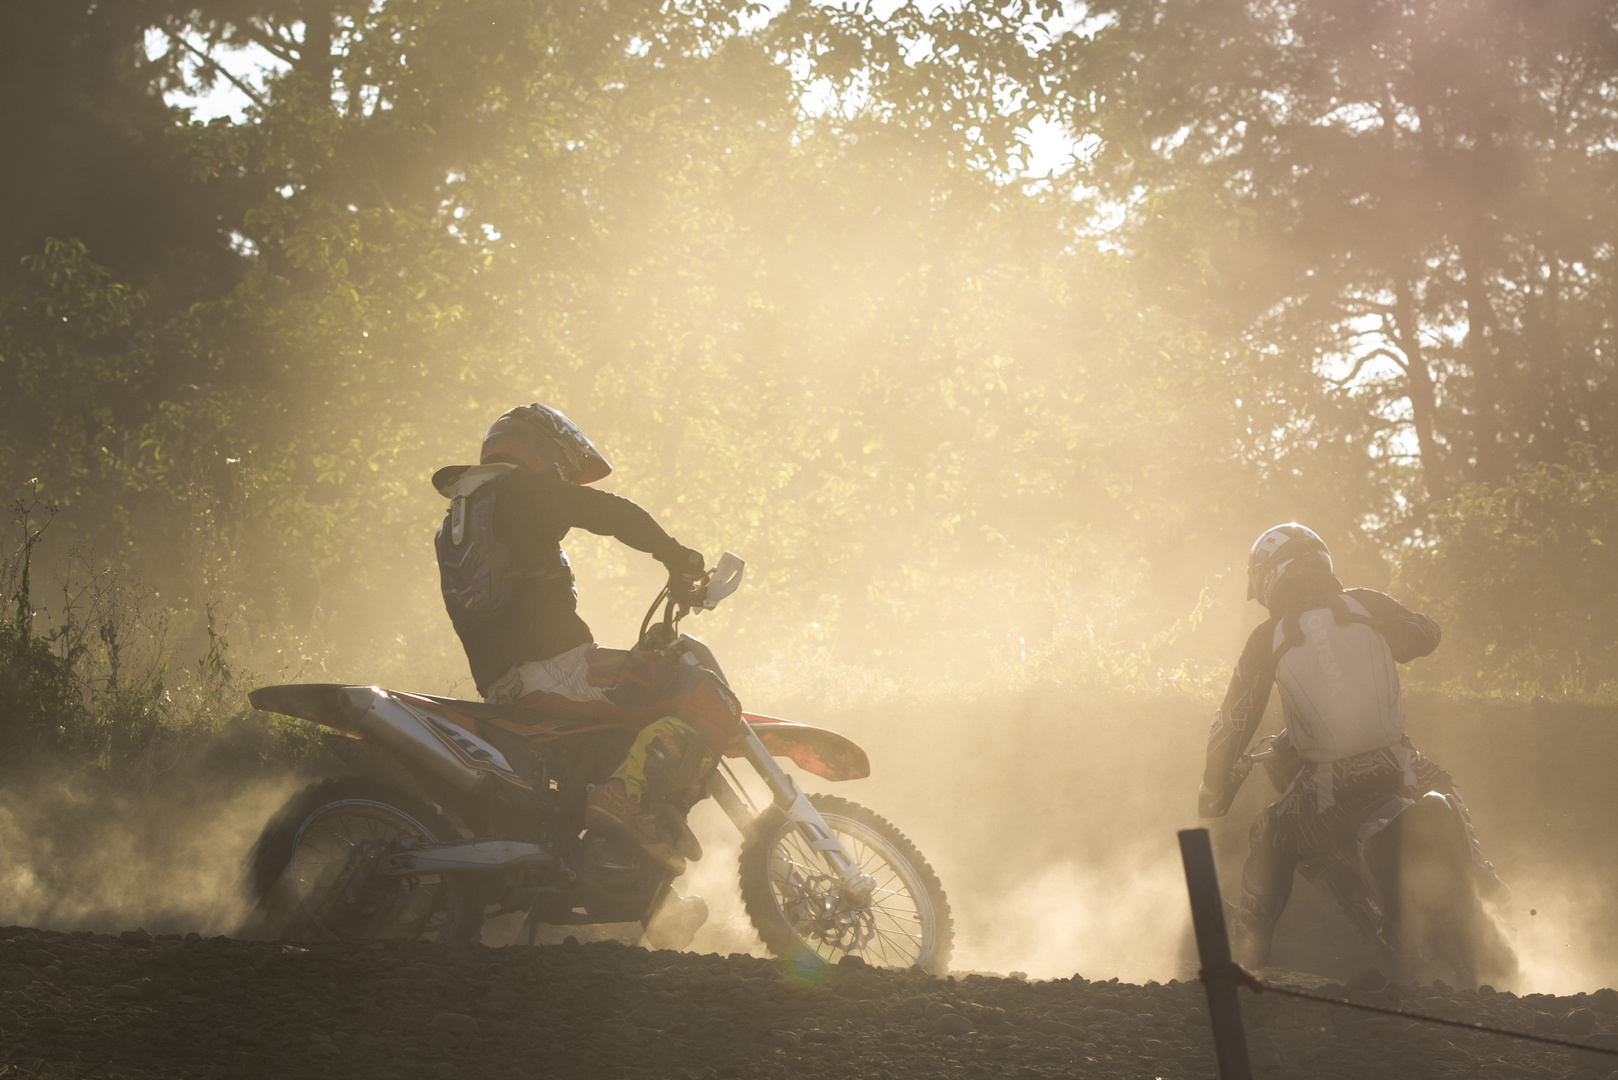 Sun and Dust